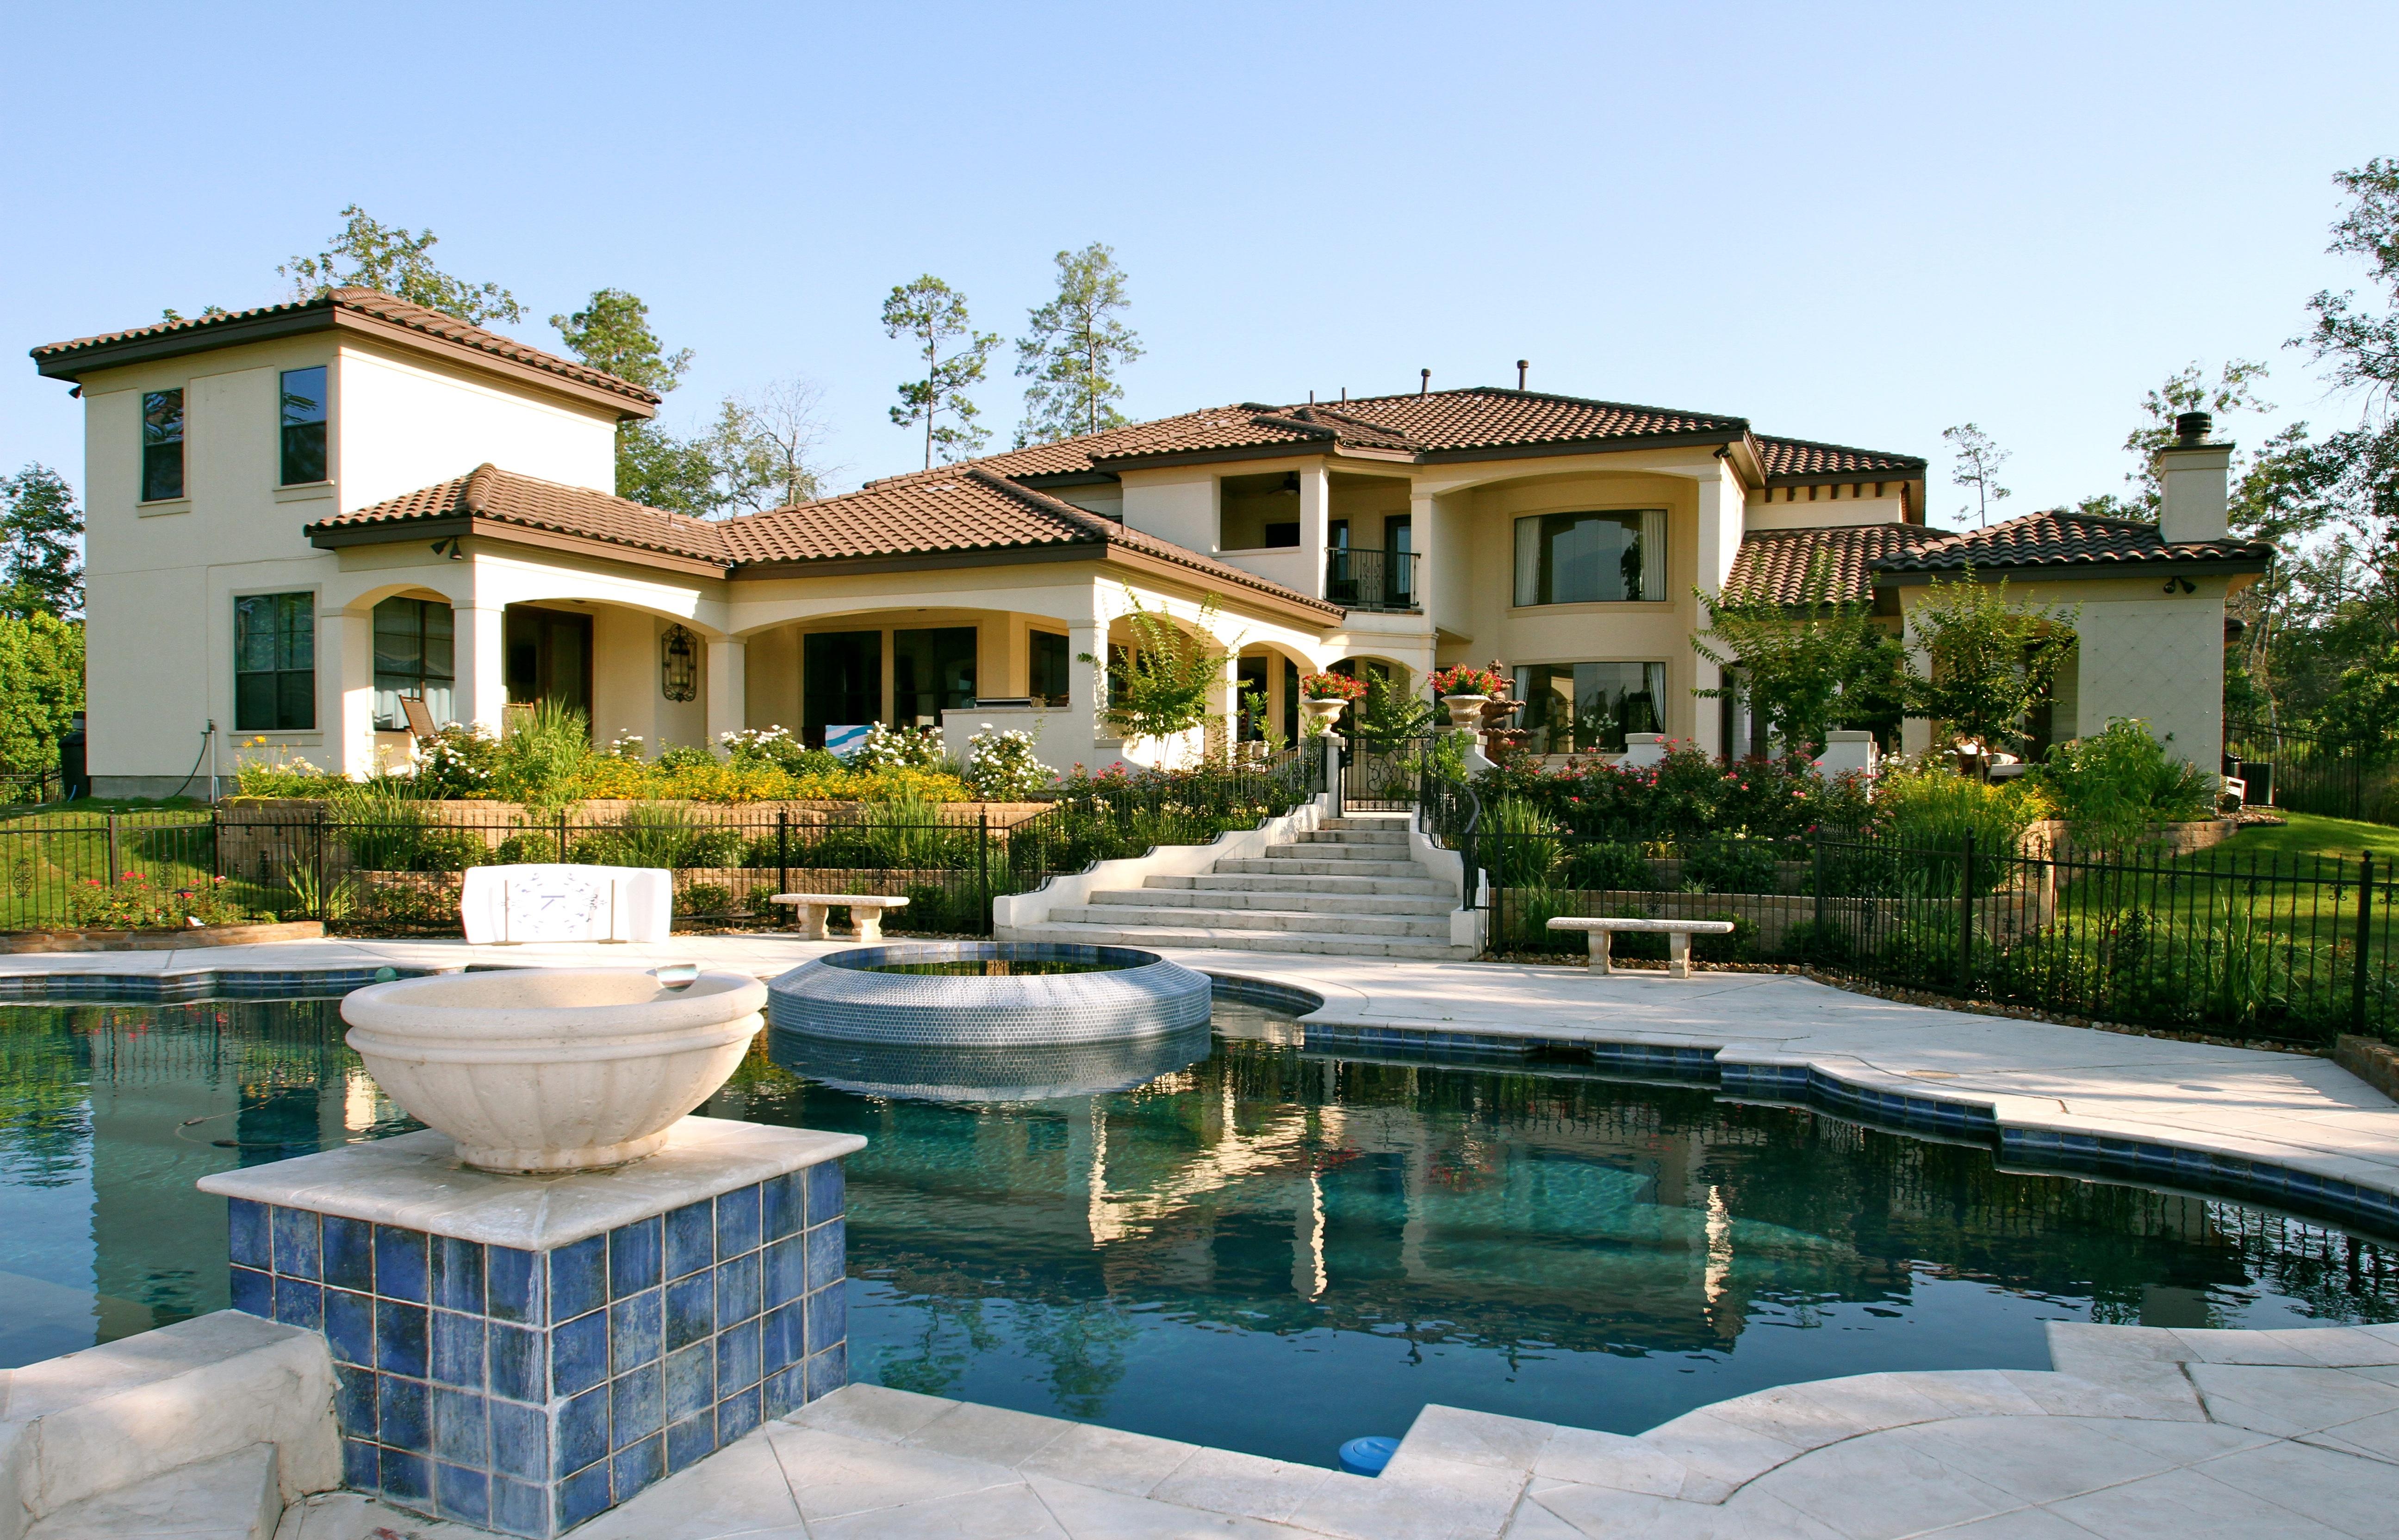 Kostenlose foto : Villa, Haus, Gebäude, Zuhause, Schwimmbad, Modell ...